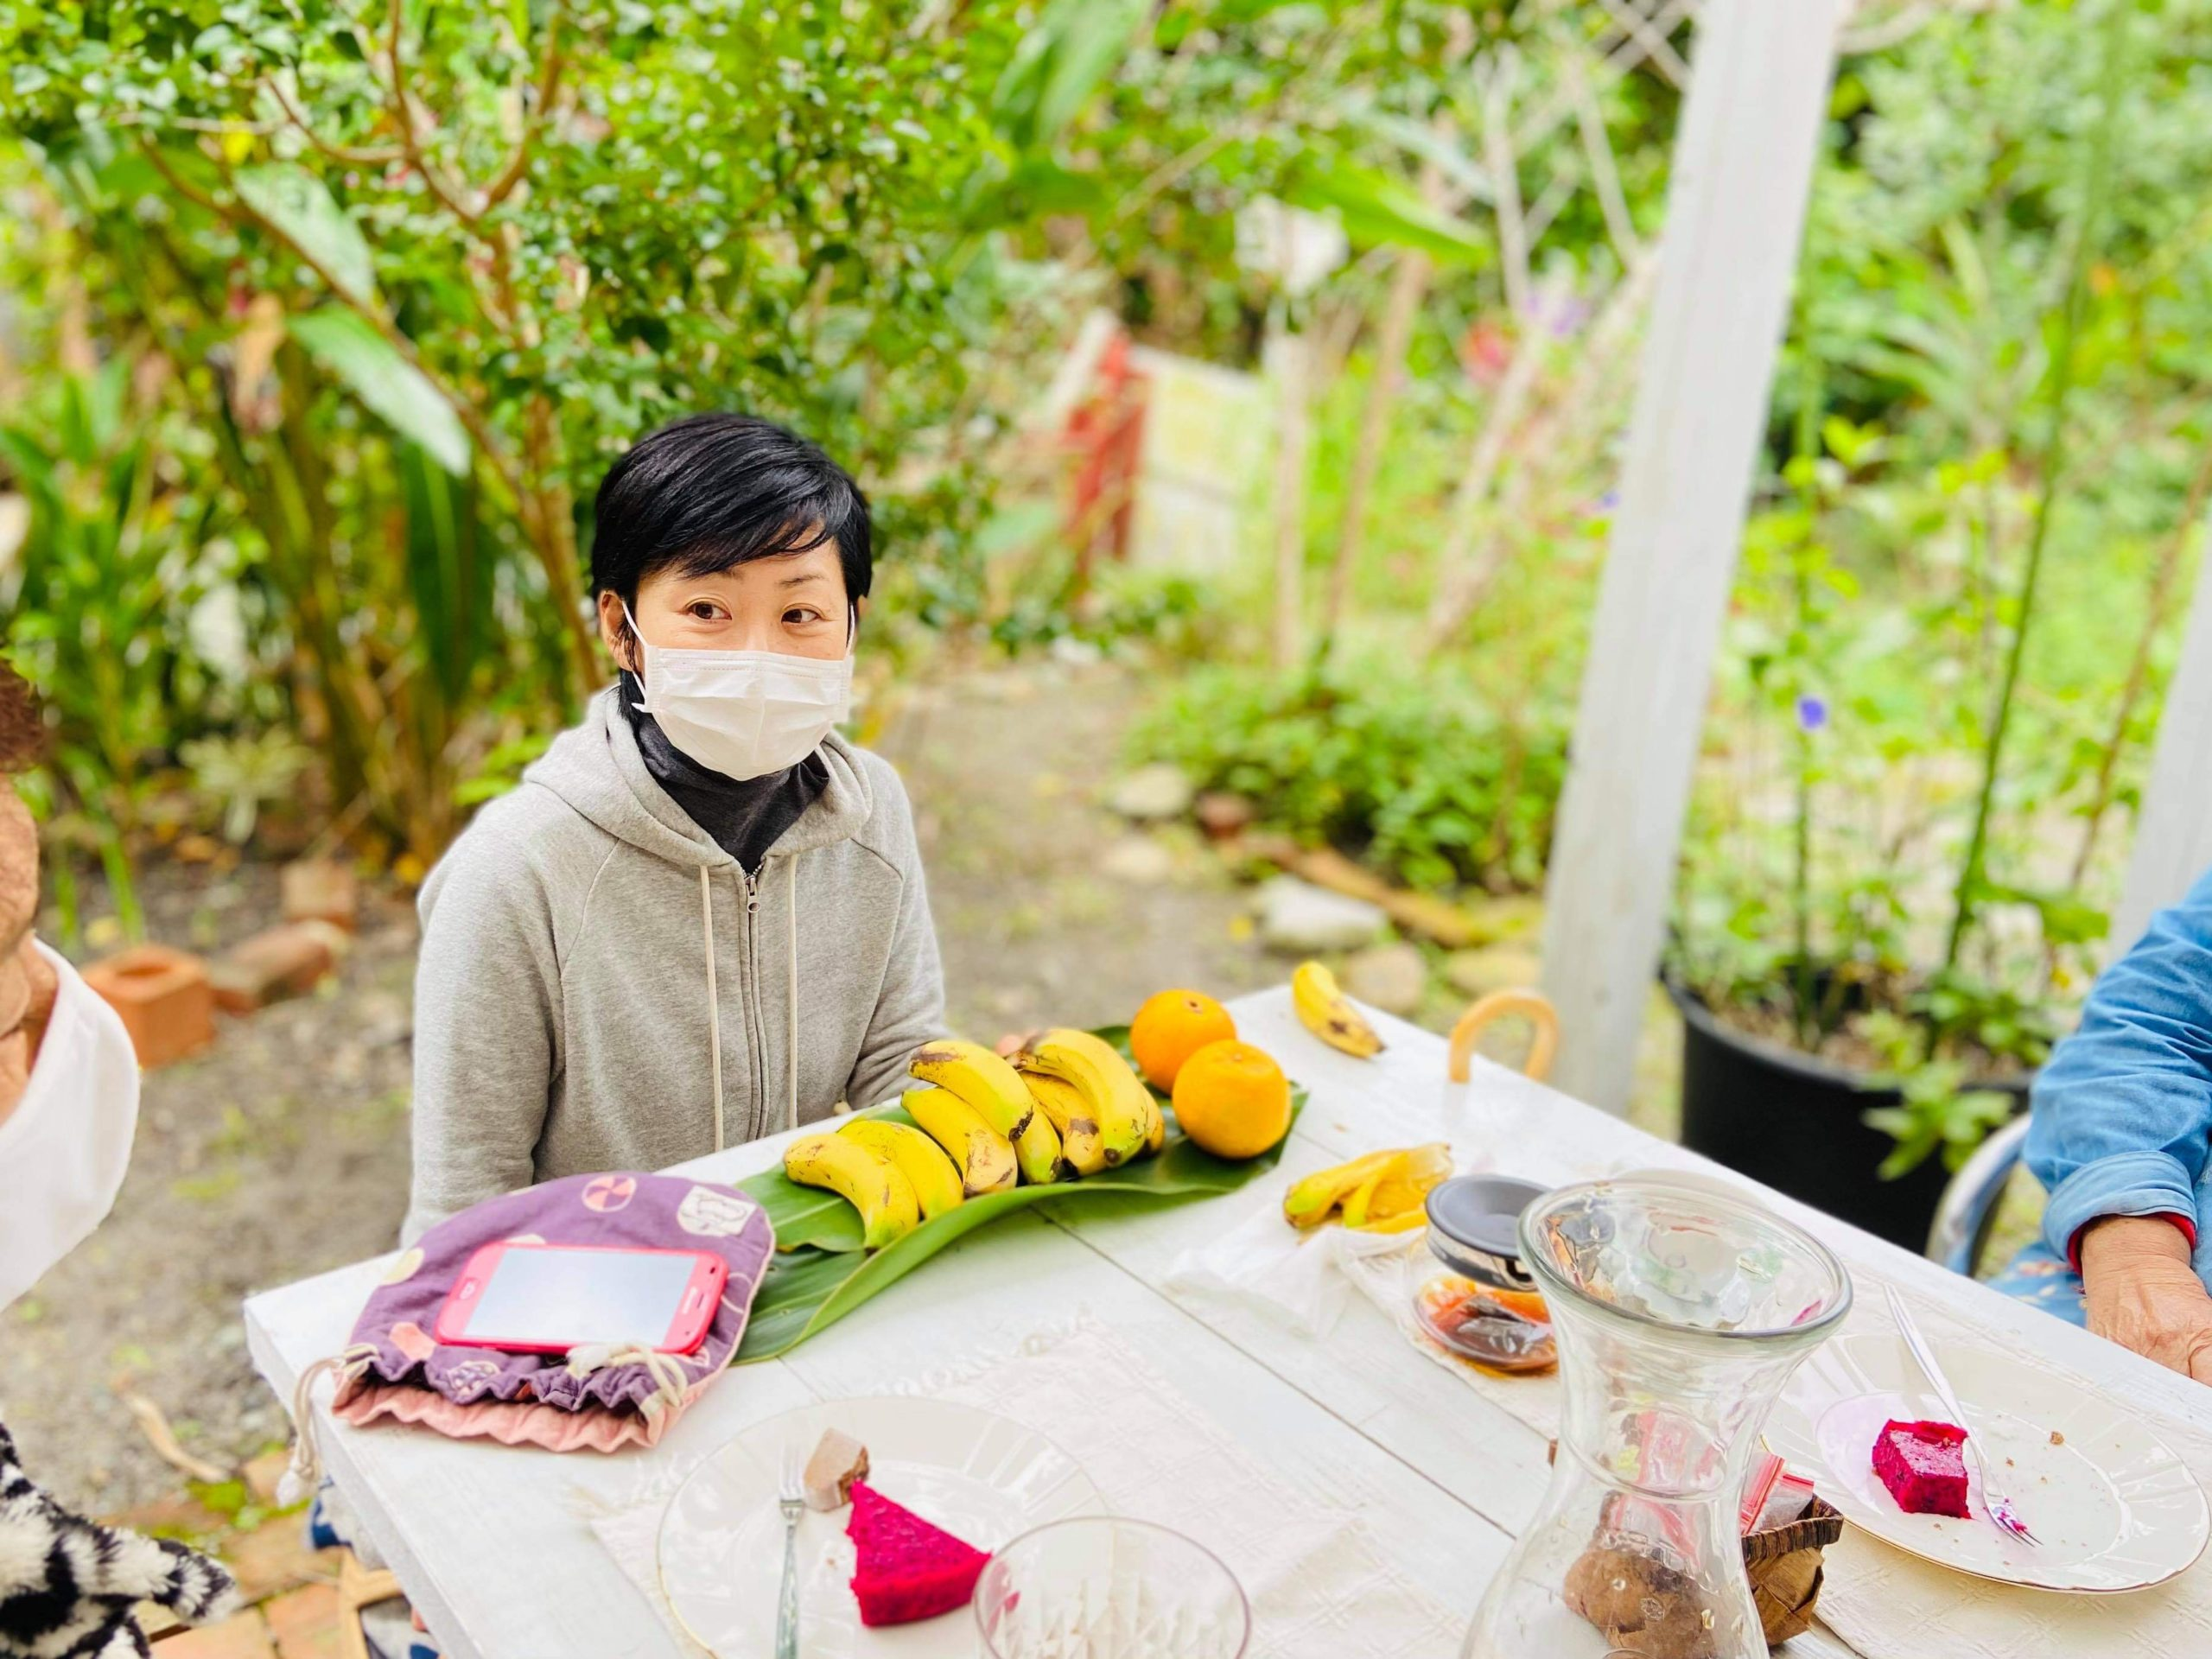 """先輩移住者インタビュー:1冊の本をきっかけに沖縄移住へ。 [後編] 沖縄で3か所目の移住先""""やんばる国頭村"""" /  ひろこさん"""